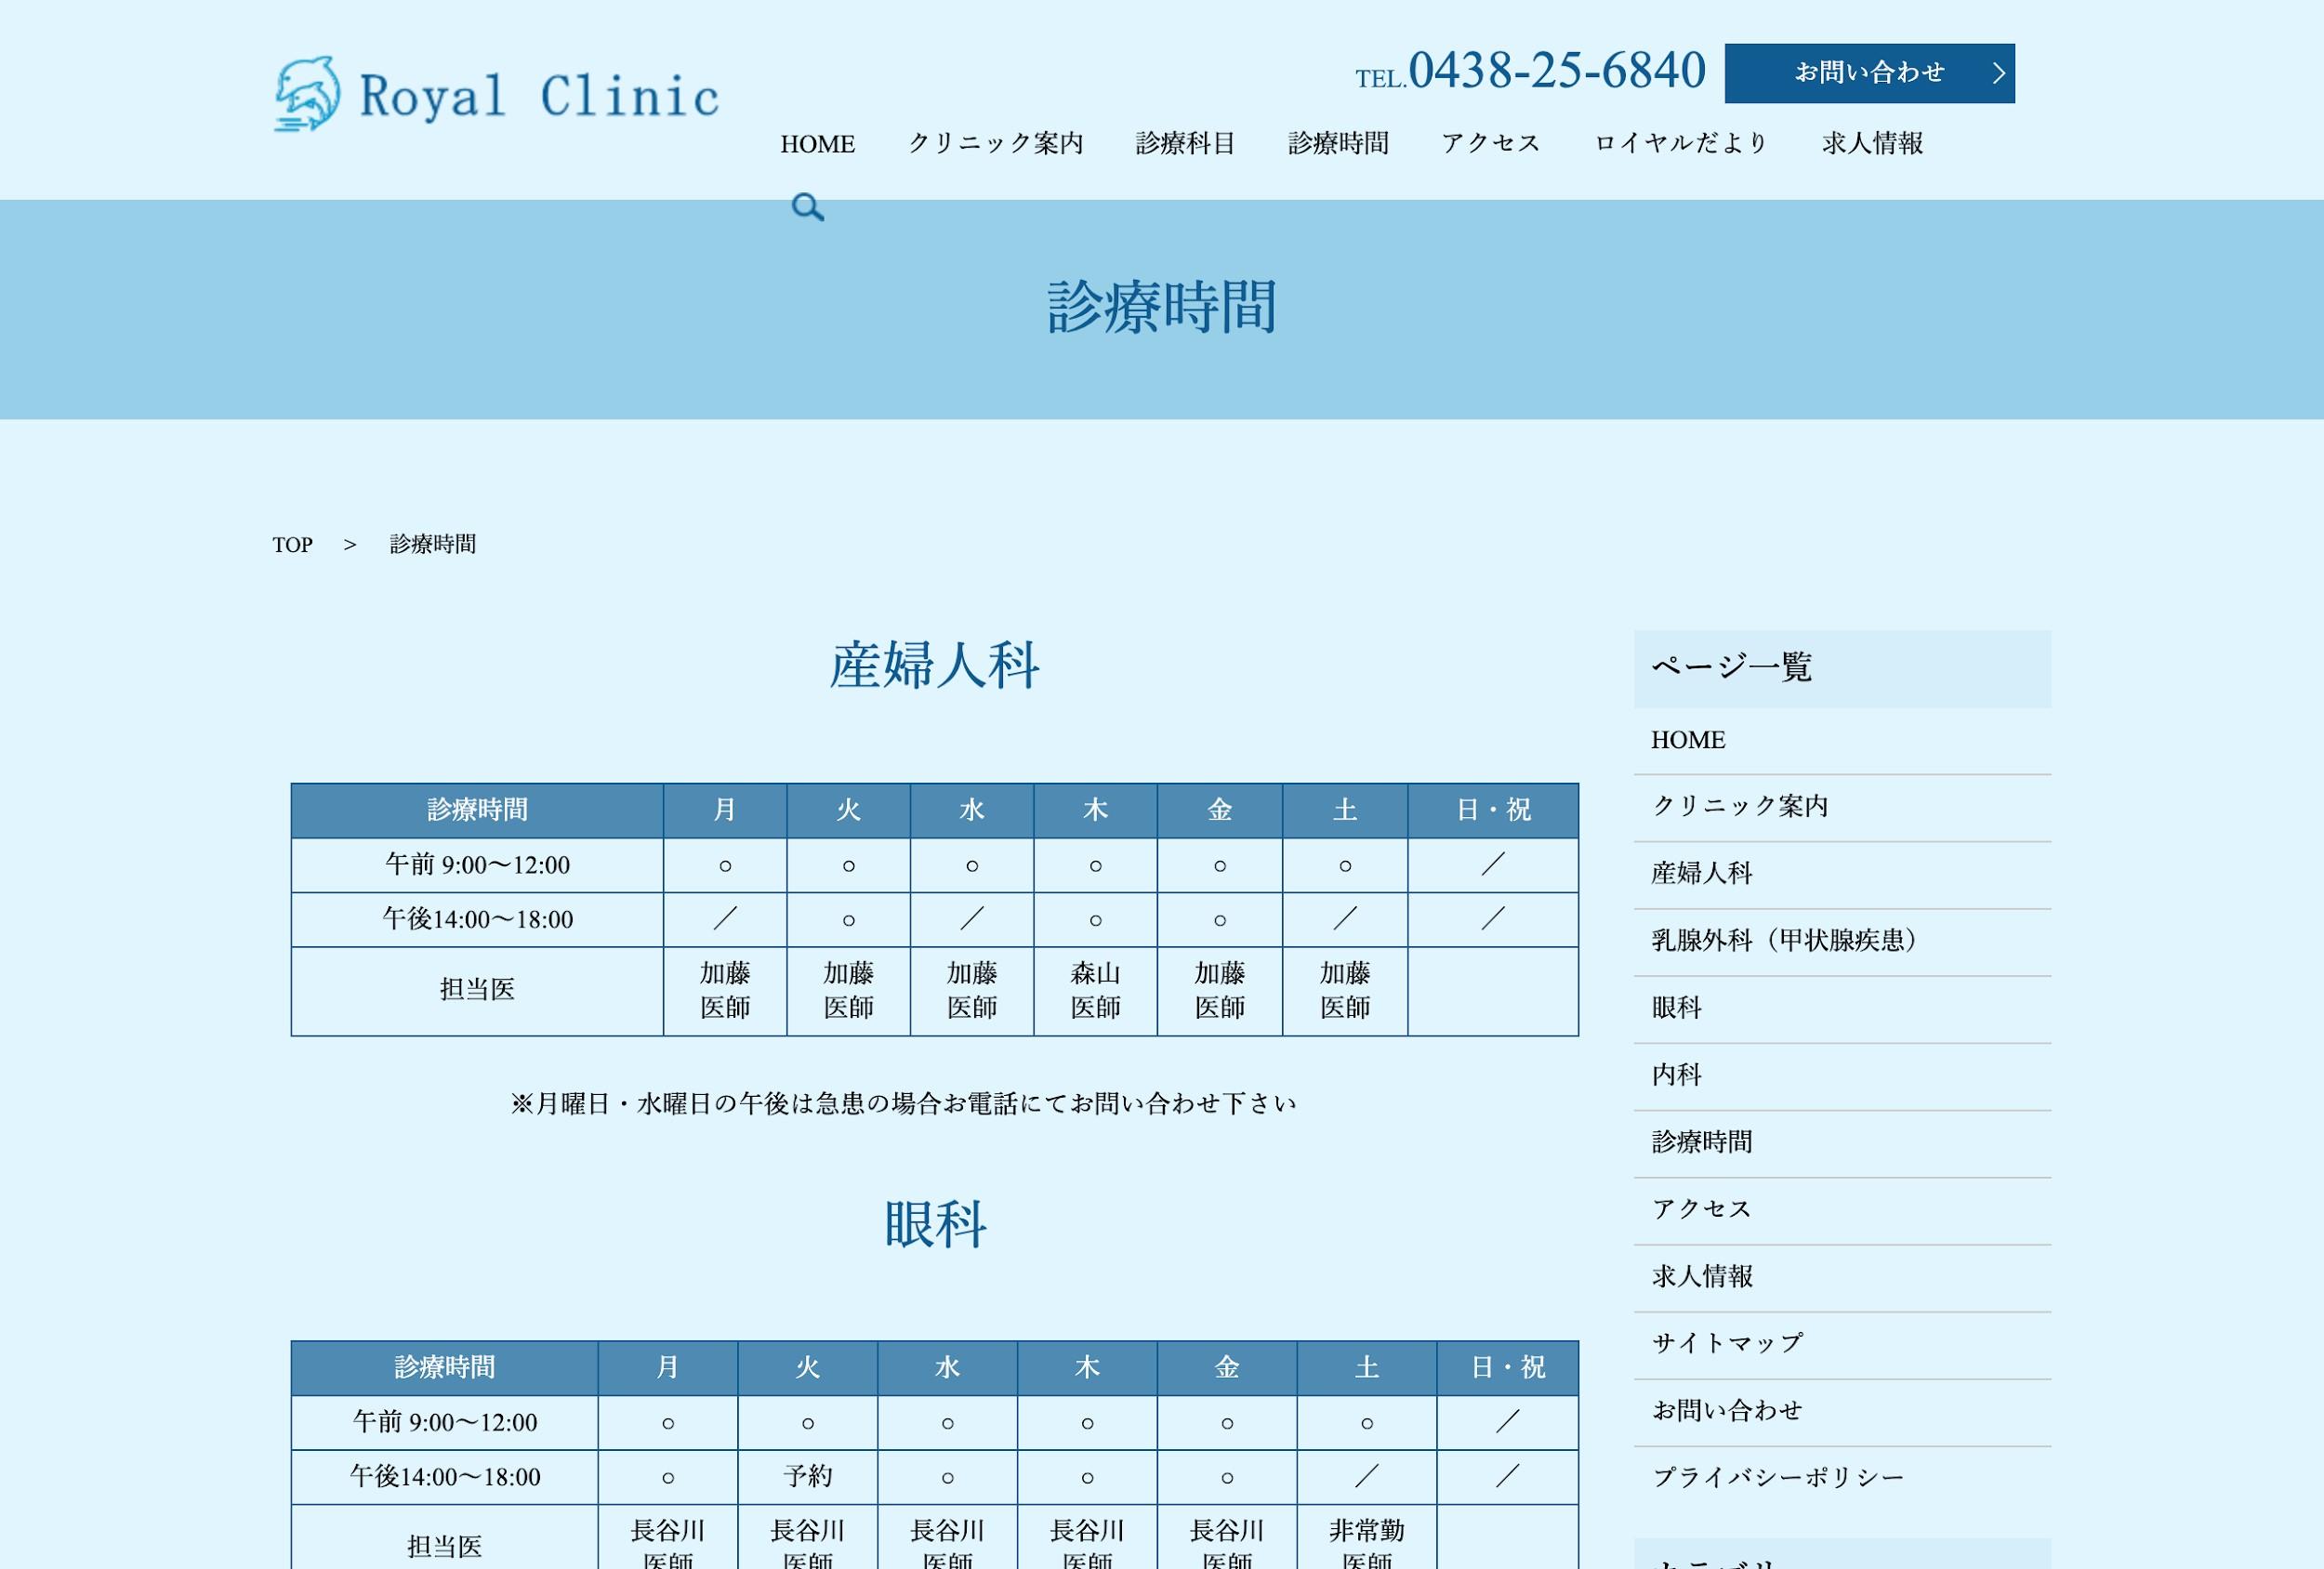 Royal Clinicのホームページ